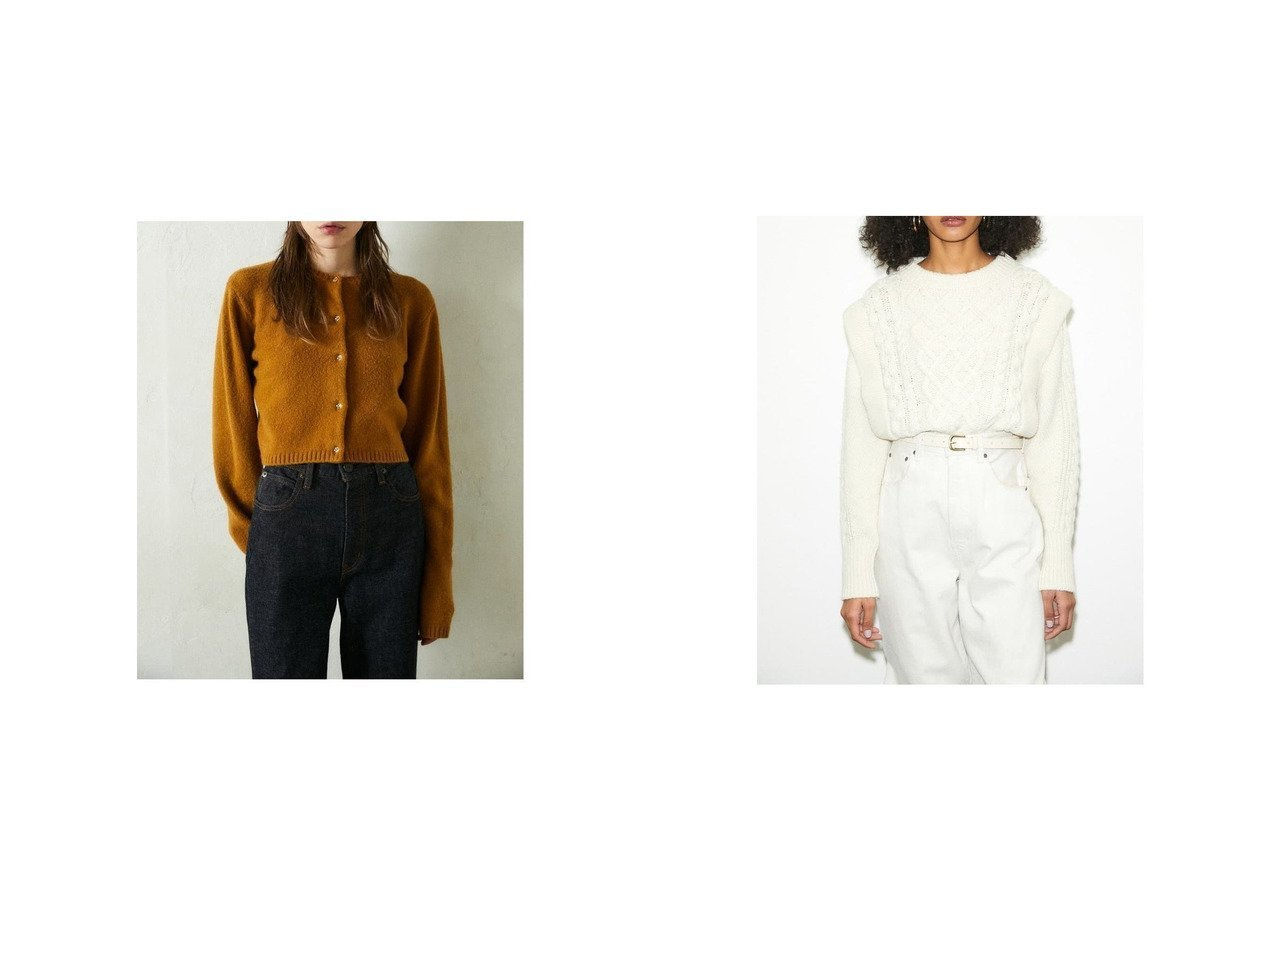 【moussy/マウジー】のLAYERED LIKE ケーブルニット&LONG SLEEVE COMPACT カーディガン CAM moussyのおすすめ!人気、トレンド・レディースファッションの通販 おすすめで人気の流行・トレンド、ファッションの通販商品 メンズファッション・キッズファッション・インテリア・家具・レディースファッション・服の通販 founy(ファニー) https://founy.com/ ファッション Fashion レディースファッション WOMEN トップス Tops Tshirt カーディガン Cardigans ニット Knit Tops 2020年 2020 2020-2021 秋冬 A/W AW Autumn/Winter / FW Fall-Winter 2020-2021 A/W 秋冬 AW Autumn/Winter / FW Fall-Winter アクリル カーディガン クロップド トレンド フロント コンパクト ミニスカート |ID:crp329100000019738